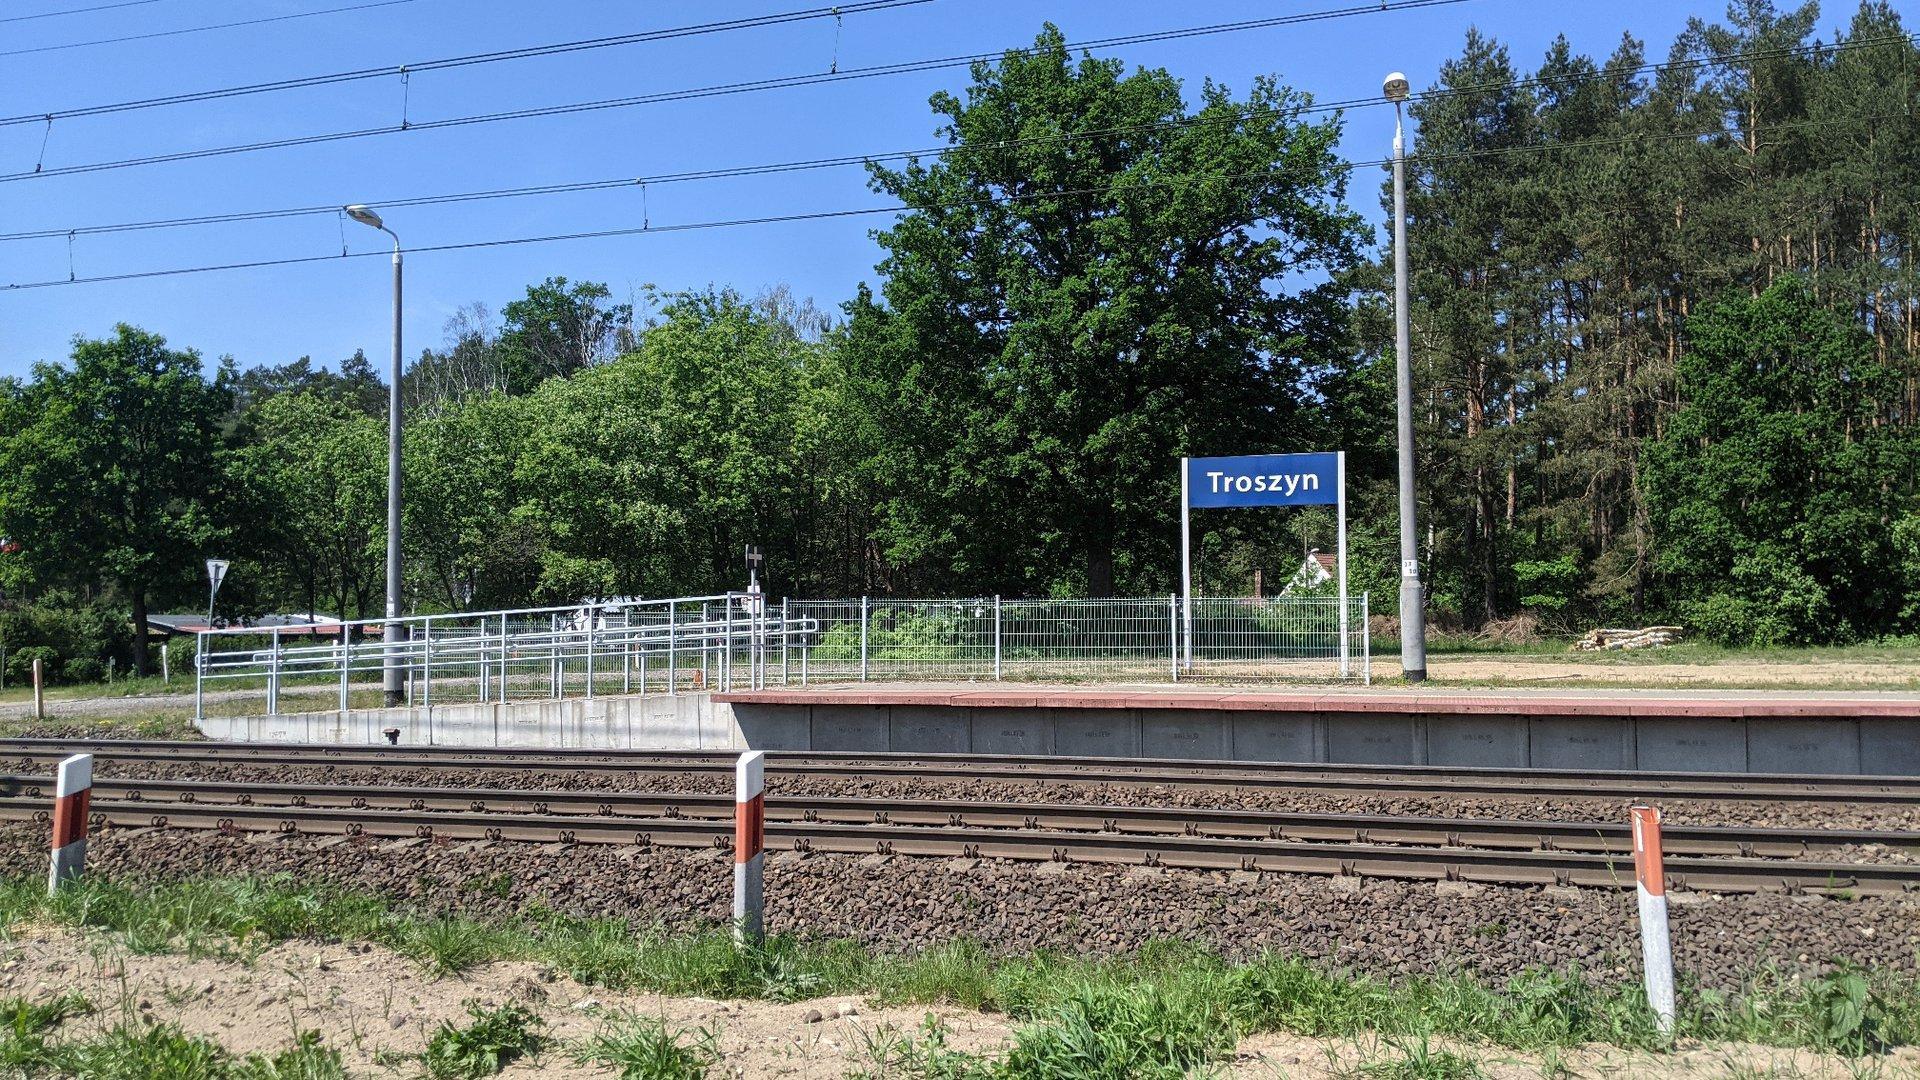 Troszyn (Troszyn)